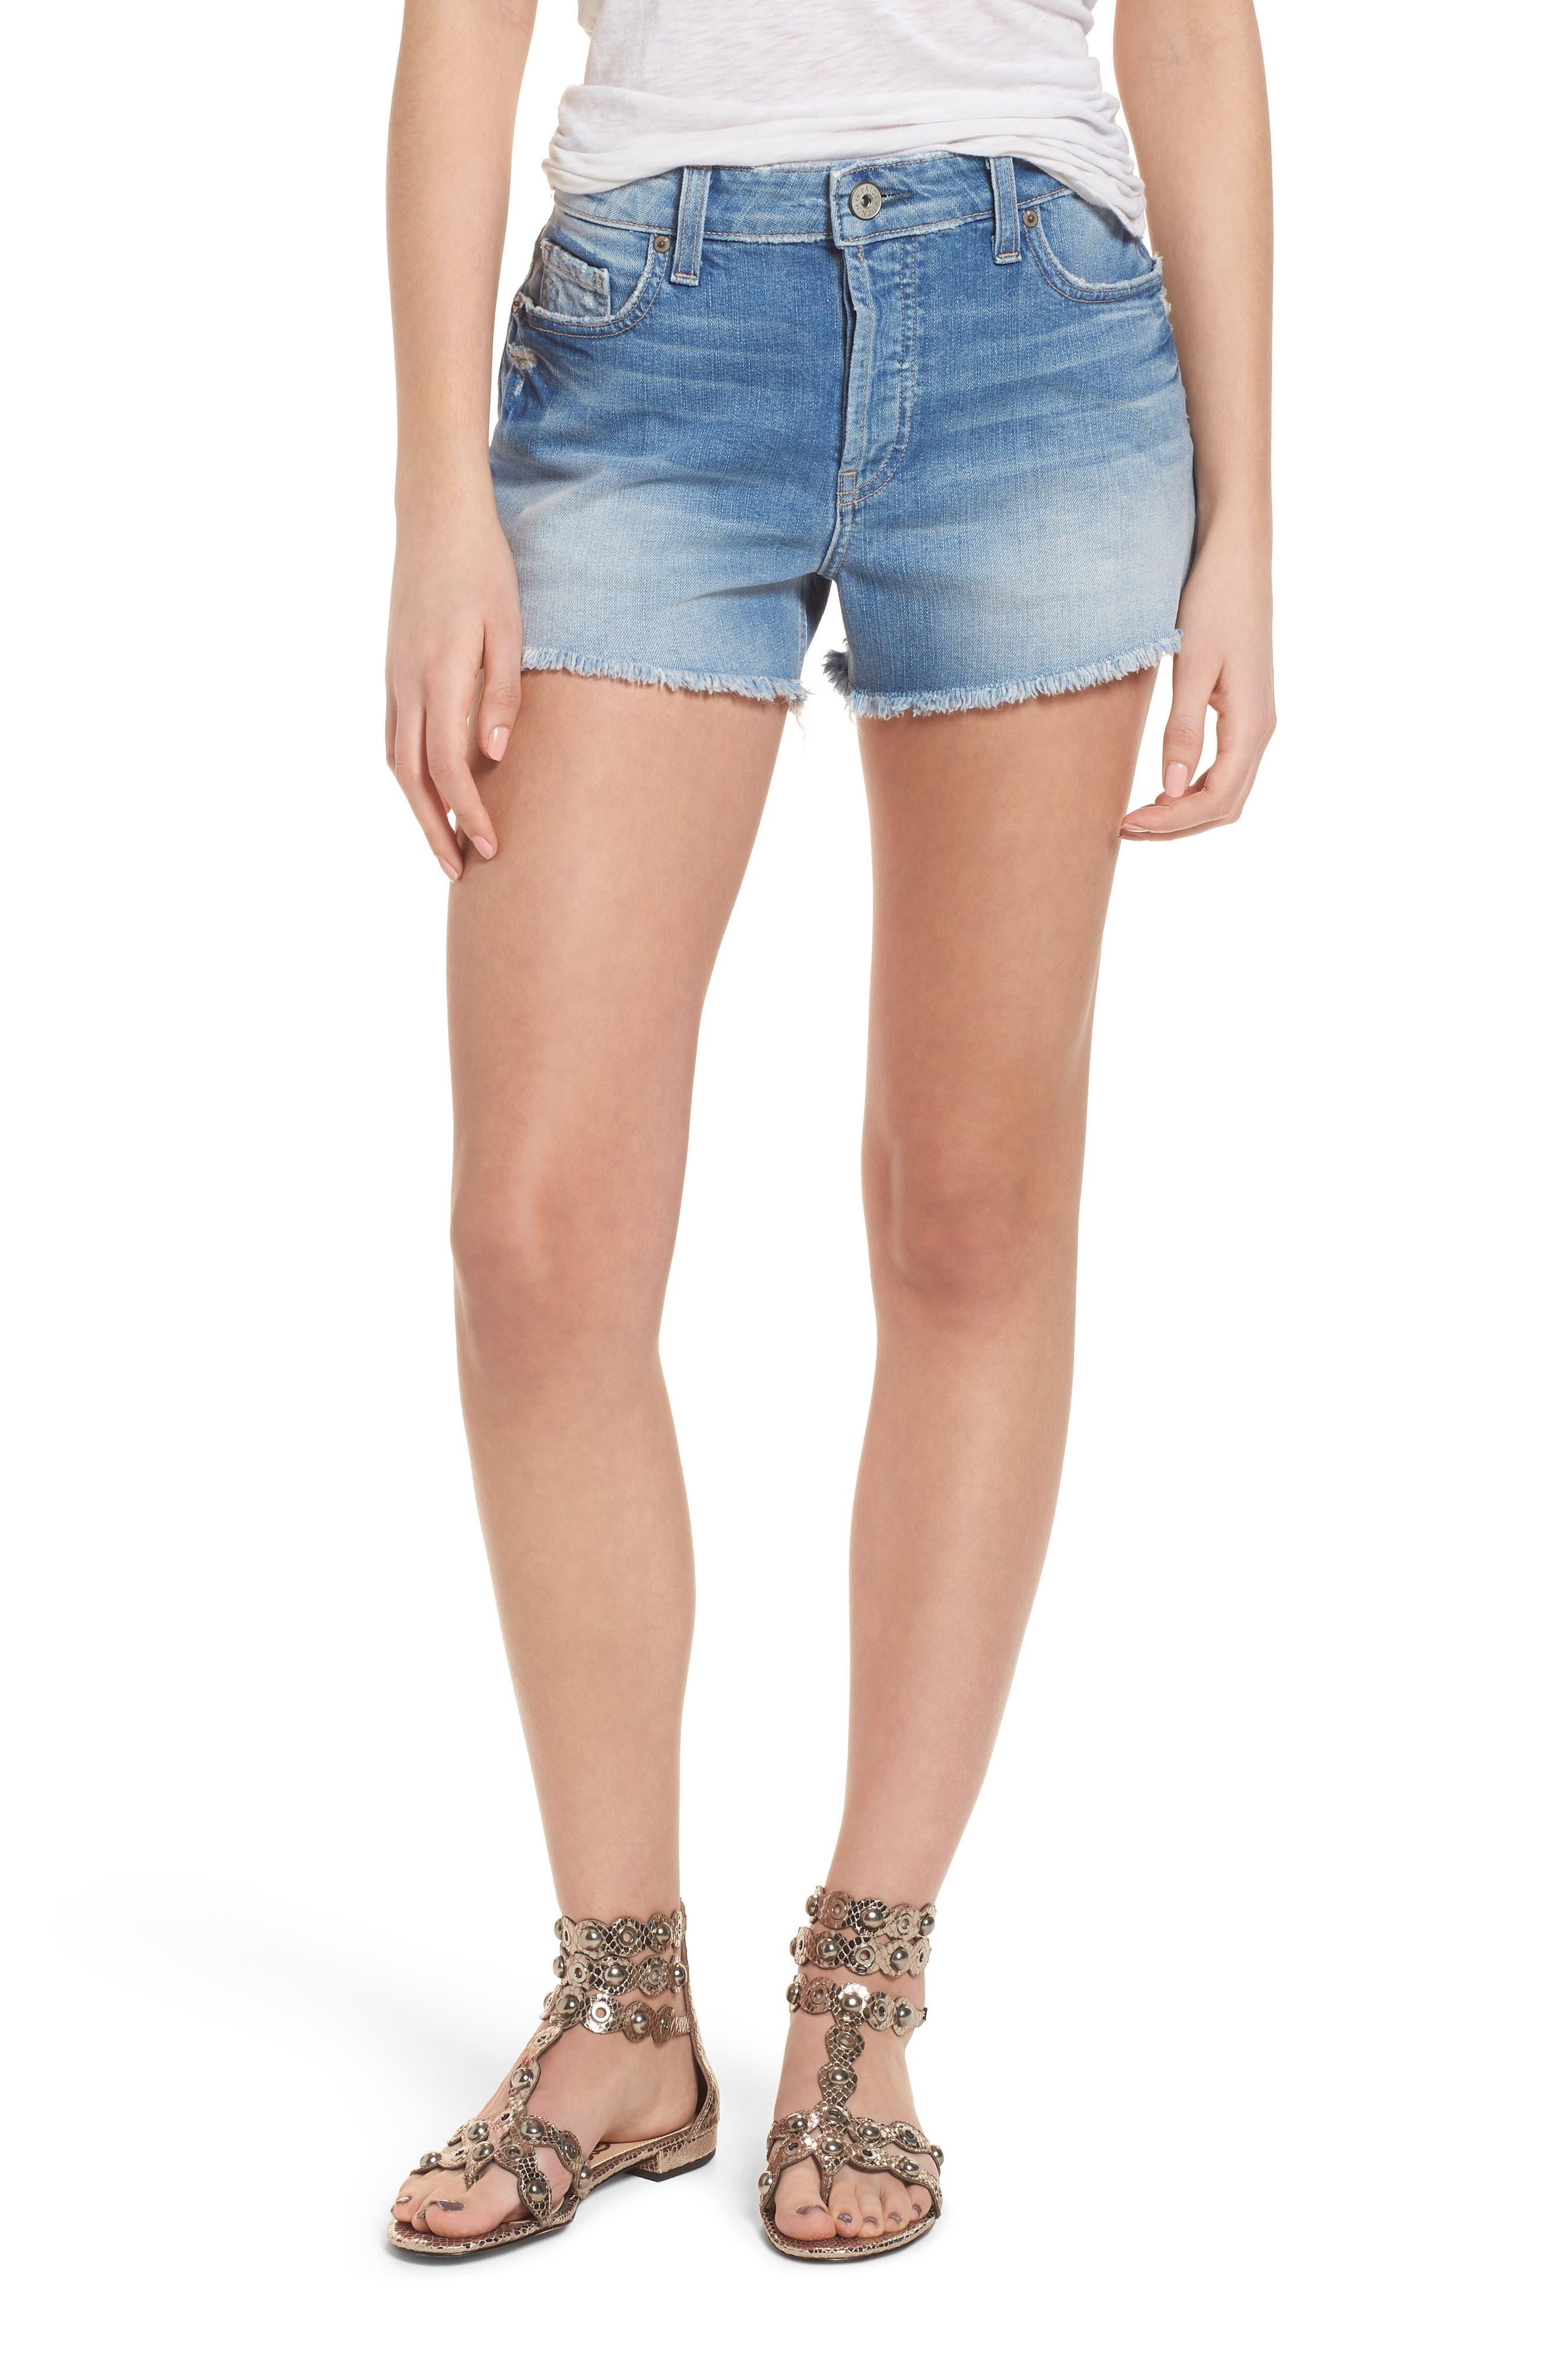 Emmitt High Waist Cutoff Denim Shorts,                         Main,                         color, Janis Destructed